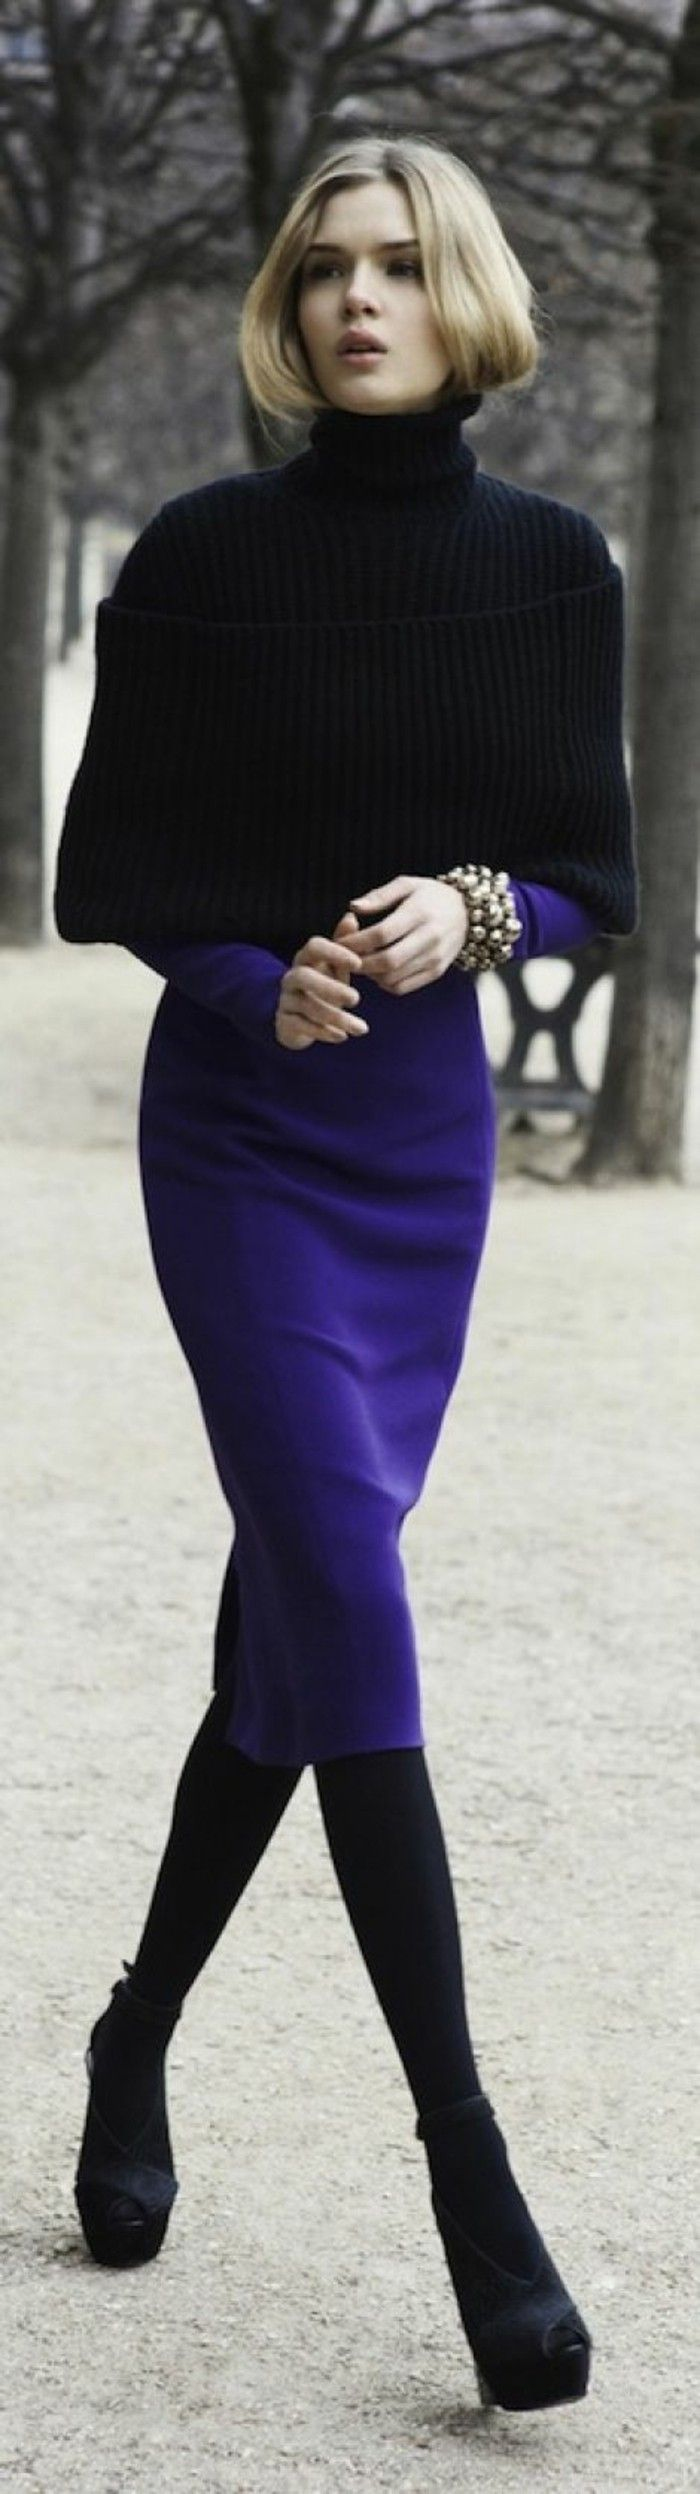 robes en laine moulante sur le corps en couleur indigo et noir